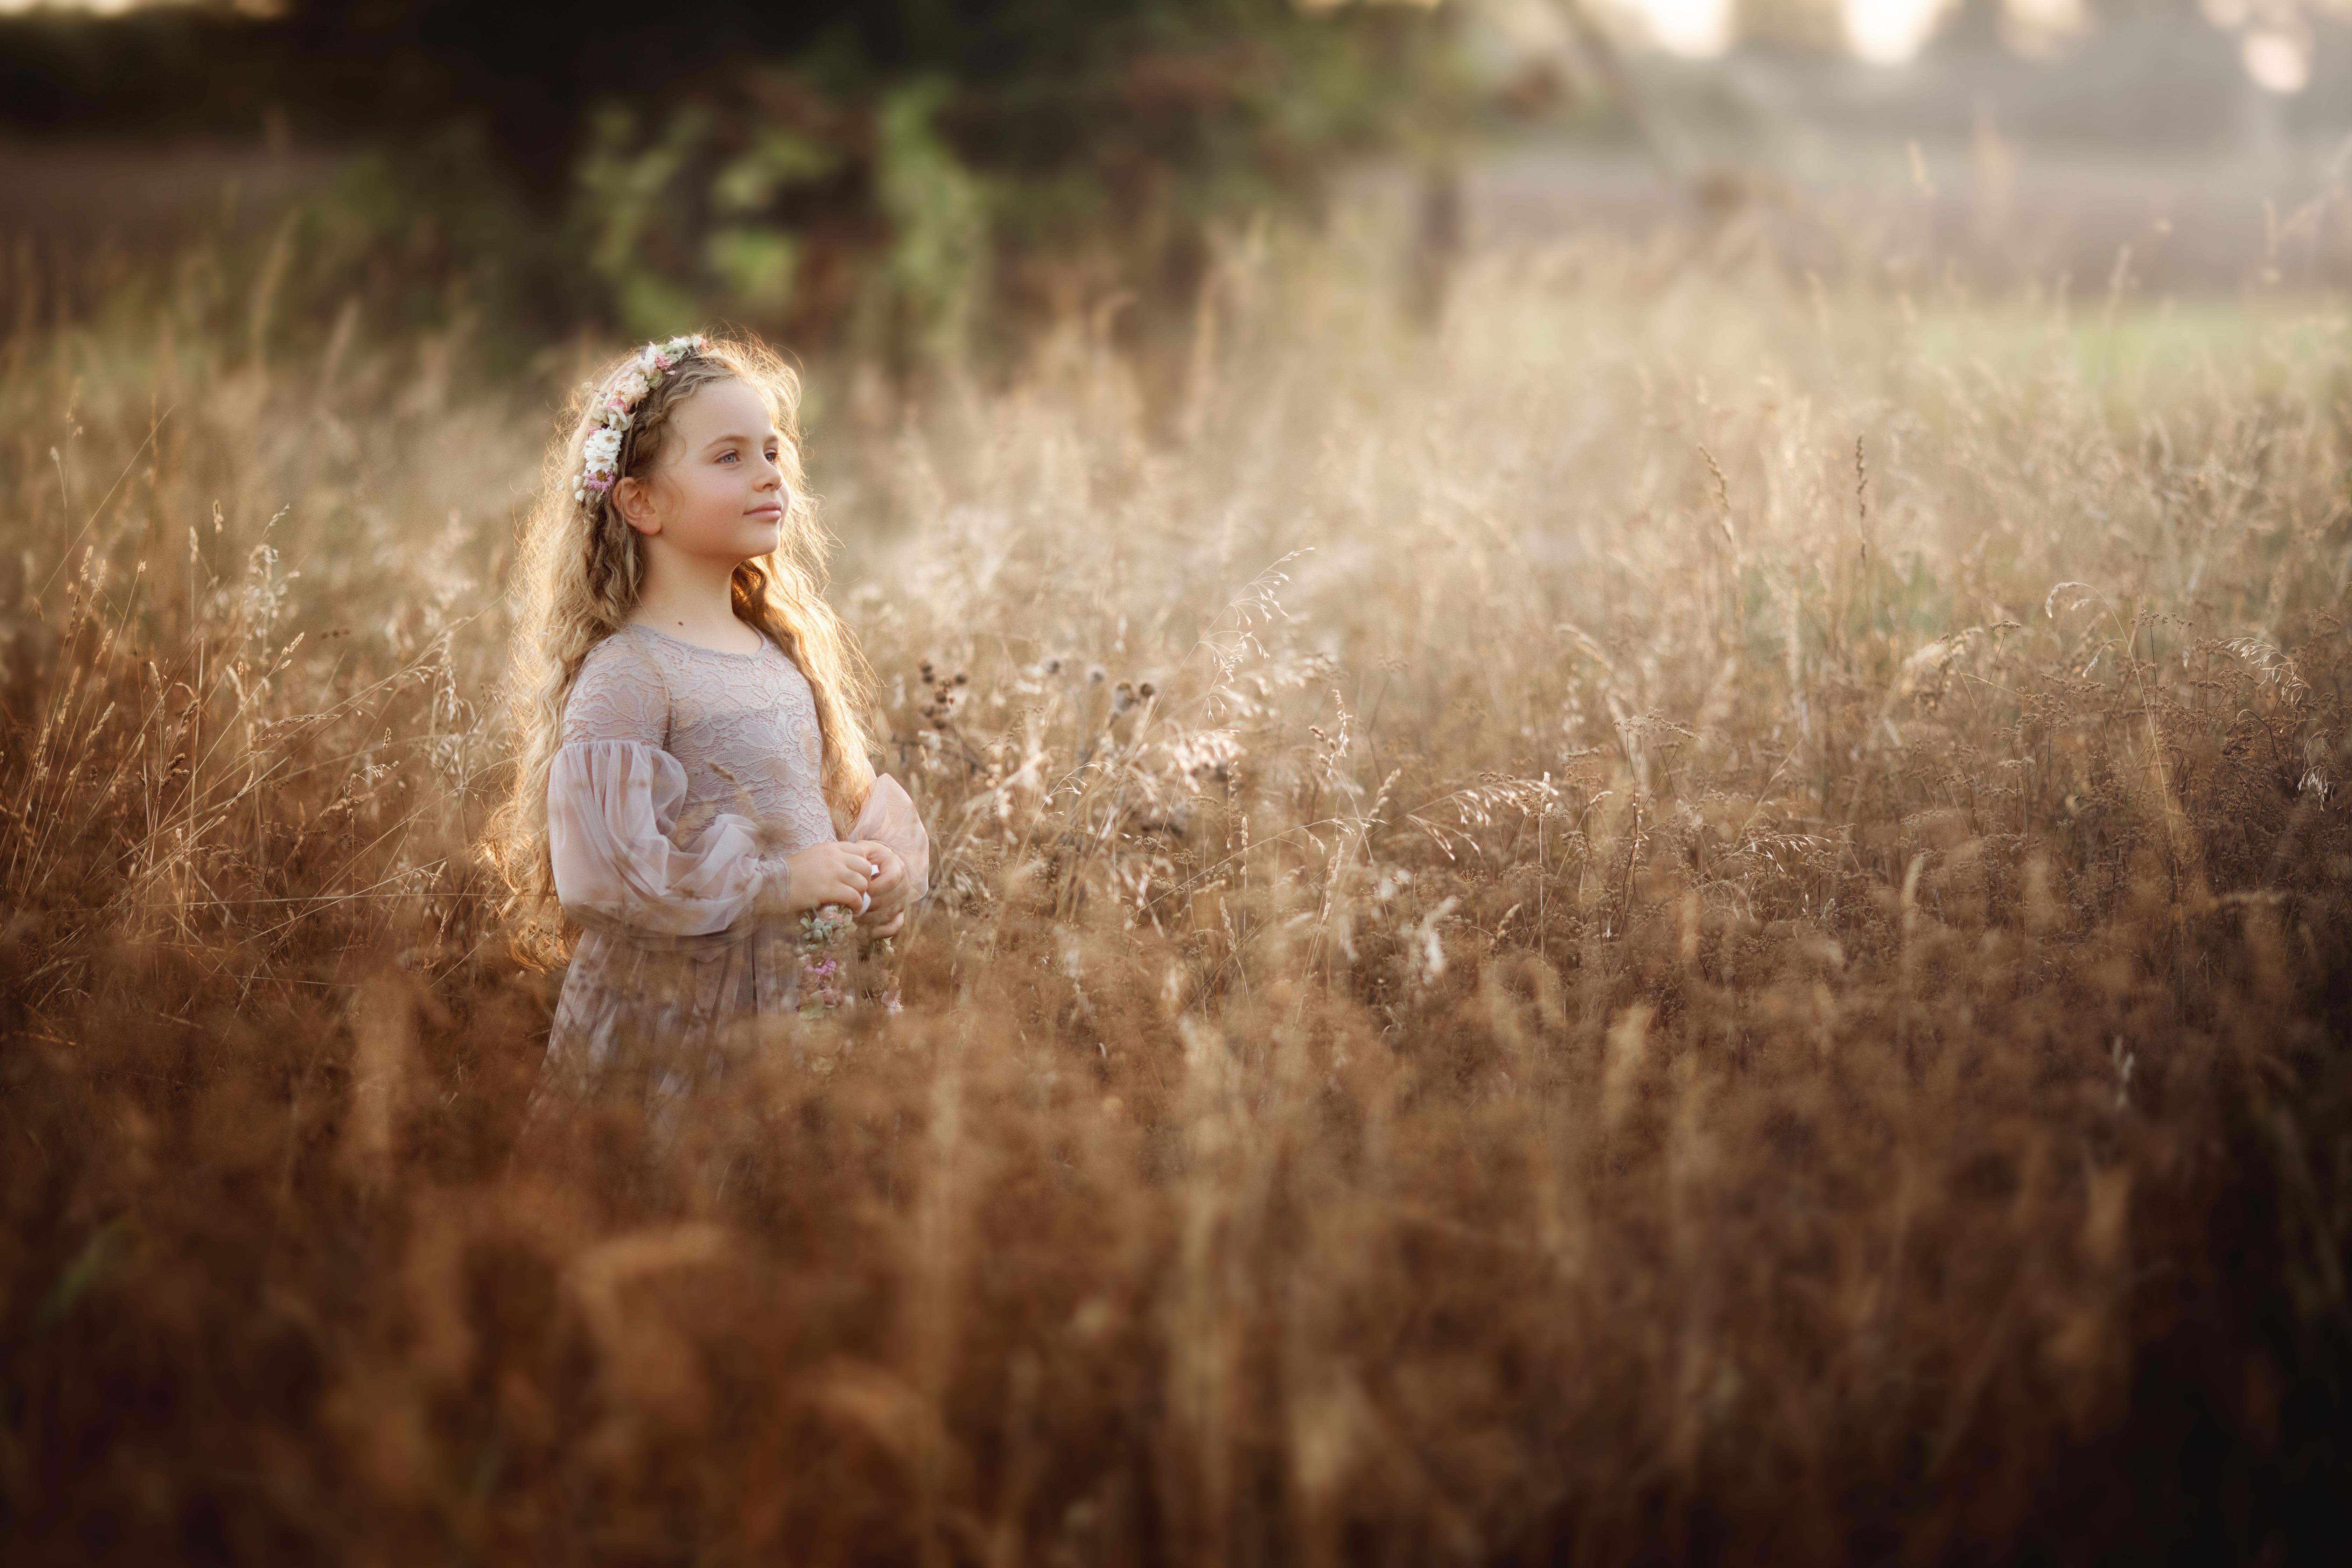 Kinderfoto Mädchen im hohen Gras